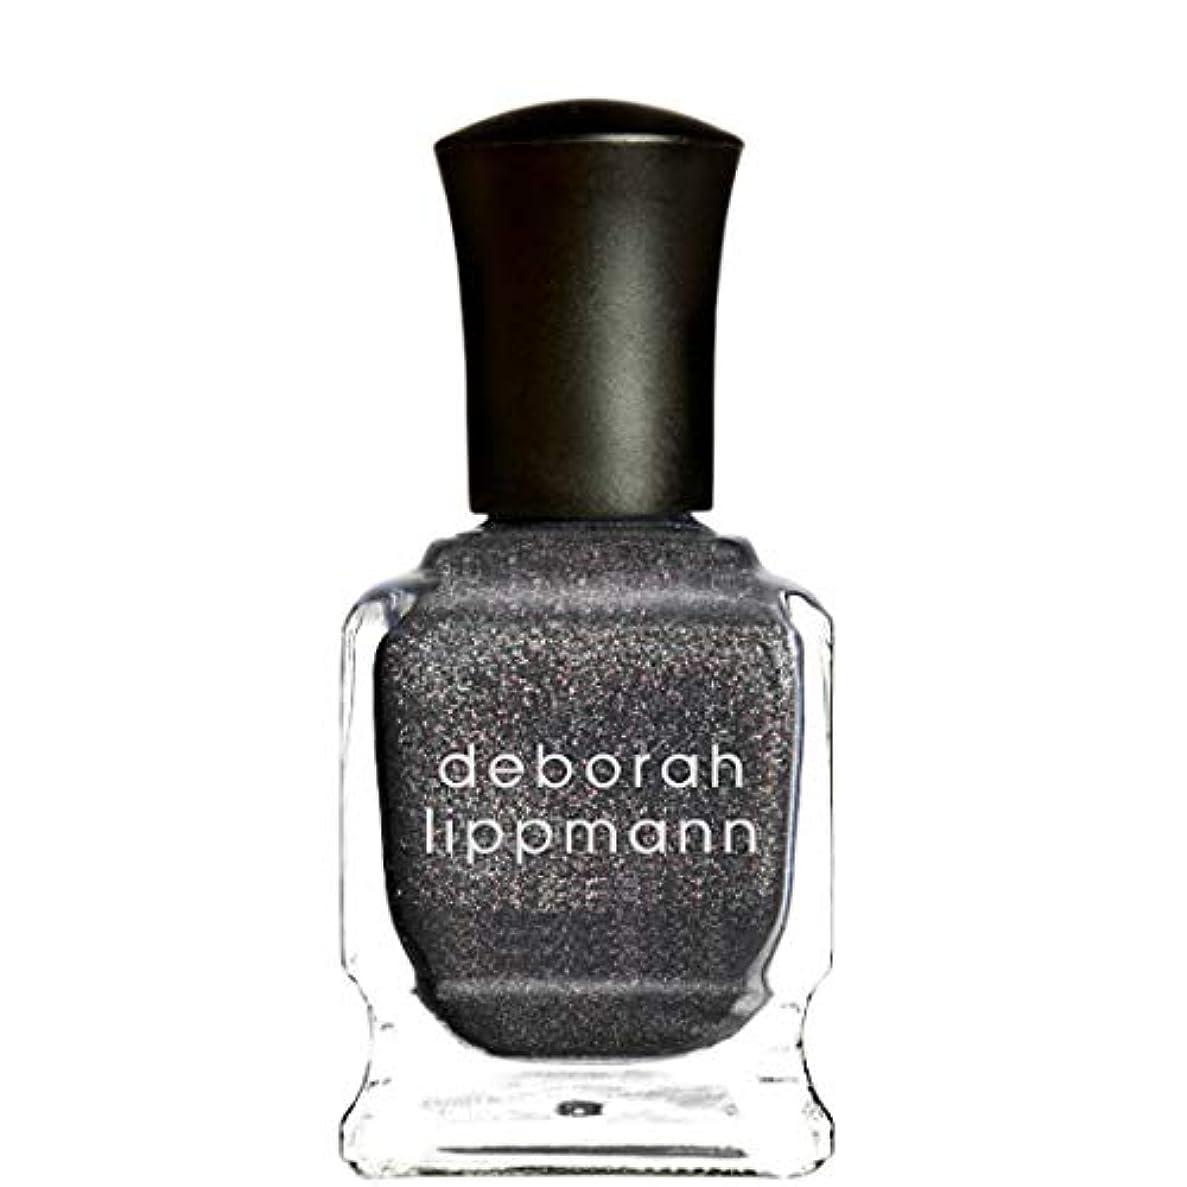 超えて恩赦強調する[Deborah Lippmann] デボラリップマン ネイルポリッシュ ベージュ系 8mL mini  BLACK MAGIC WOMAN  ミニ 「ブラック マジック ウーマン」